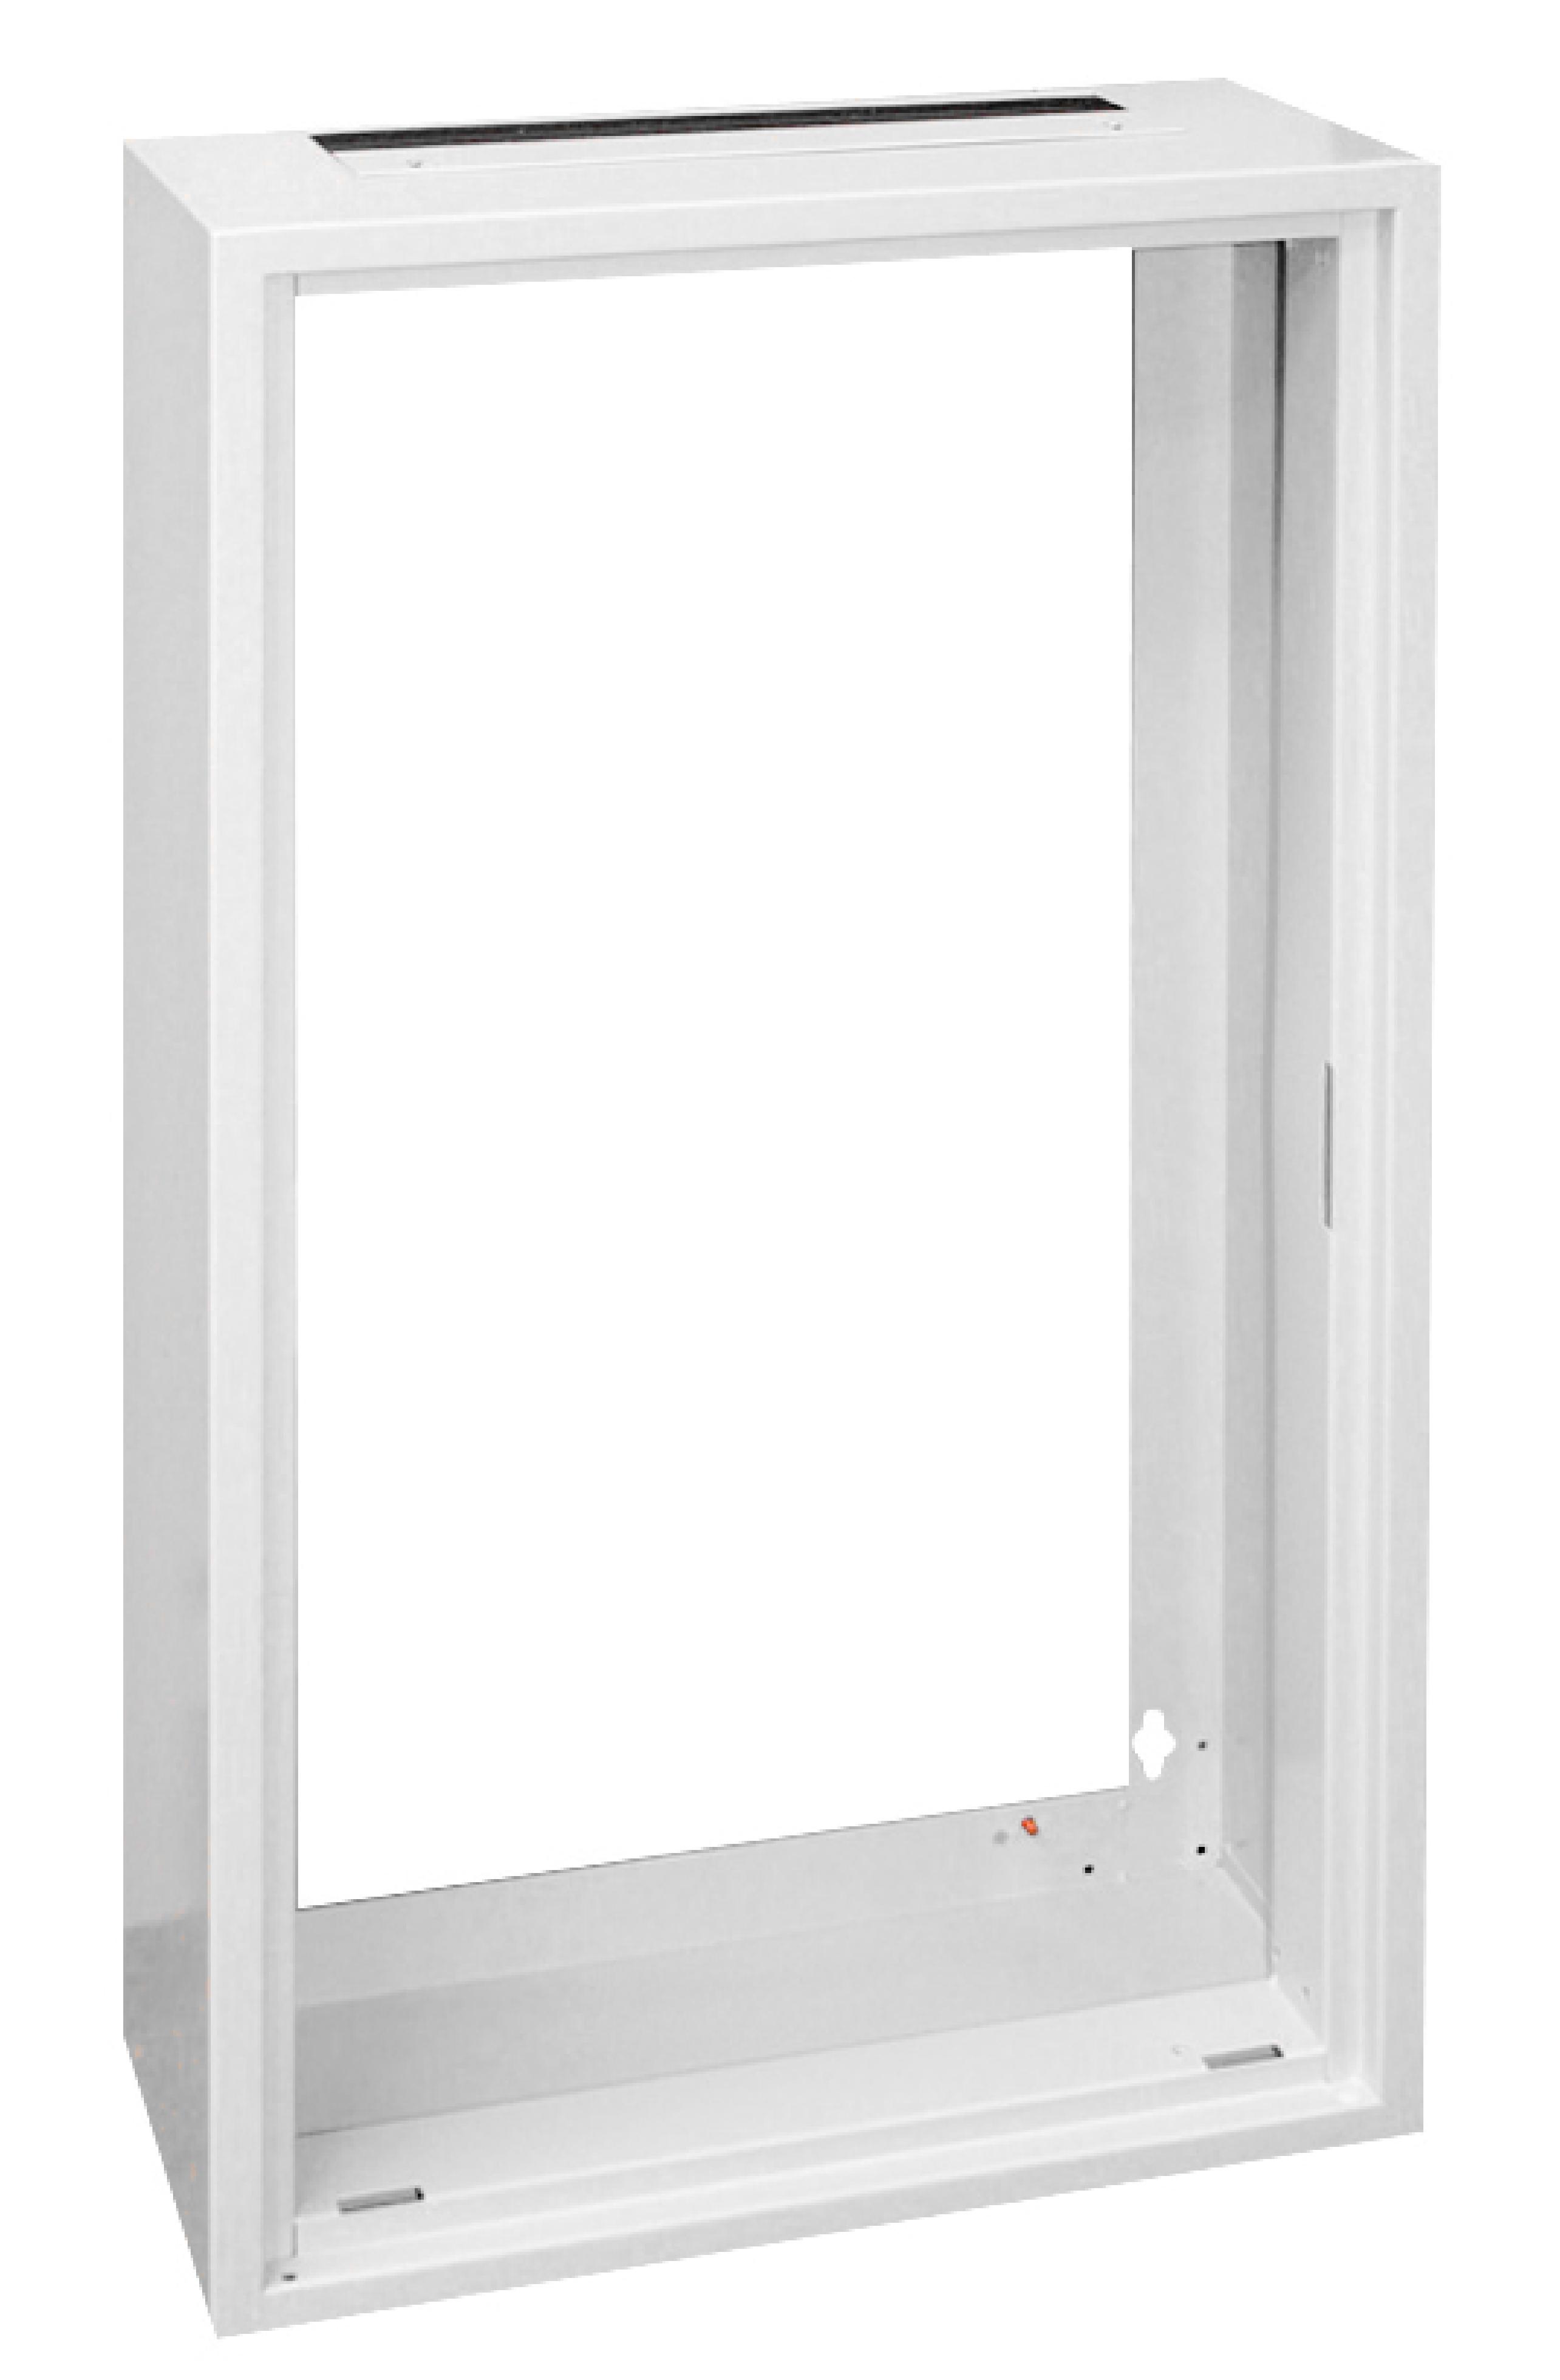 1 Stk AP-Rahmen ohne Türe und Rückwand 2A-39, H1885B590T250mm IL001239-F